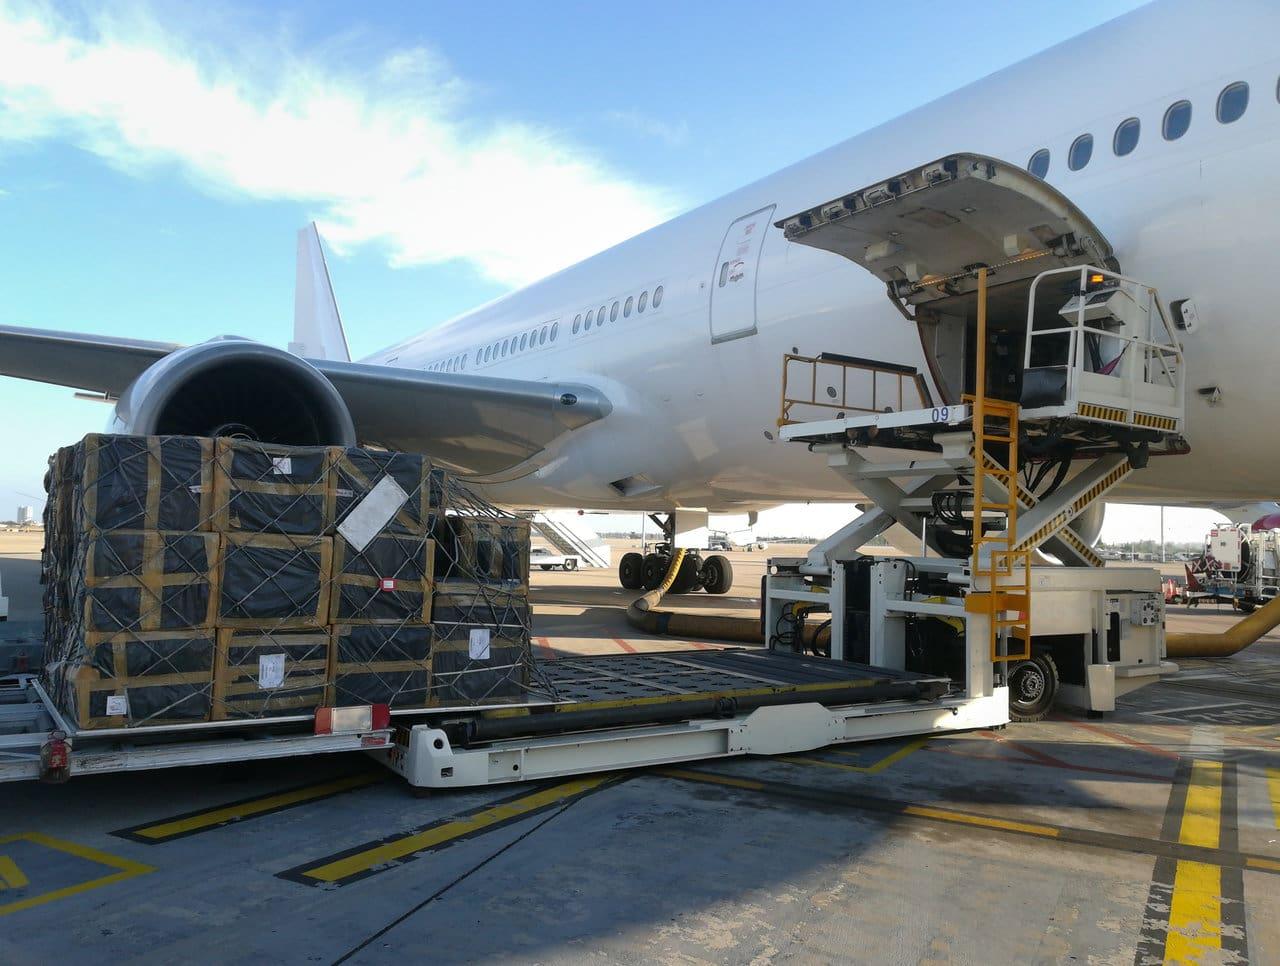 Transport otniczy pandemia. Ładunek w trakcie pakowania do luku bagażowego samolotu pasażerskiego.